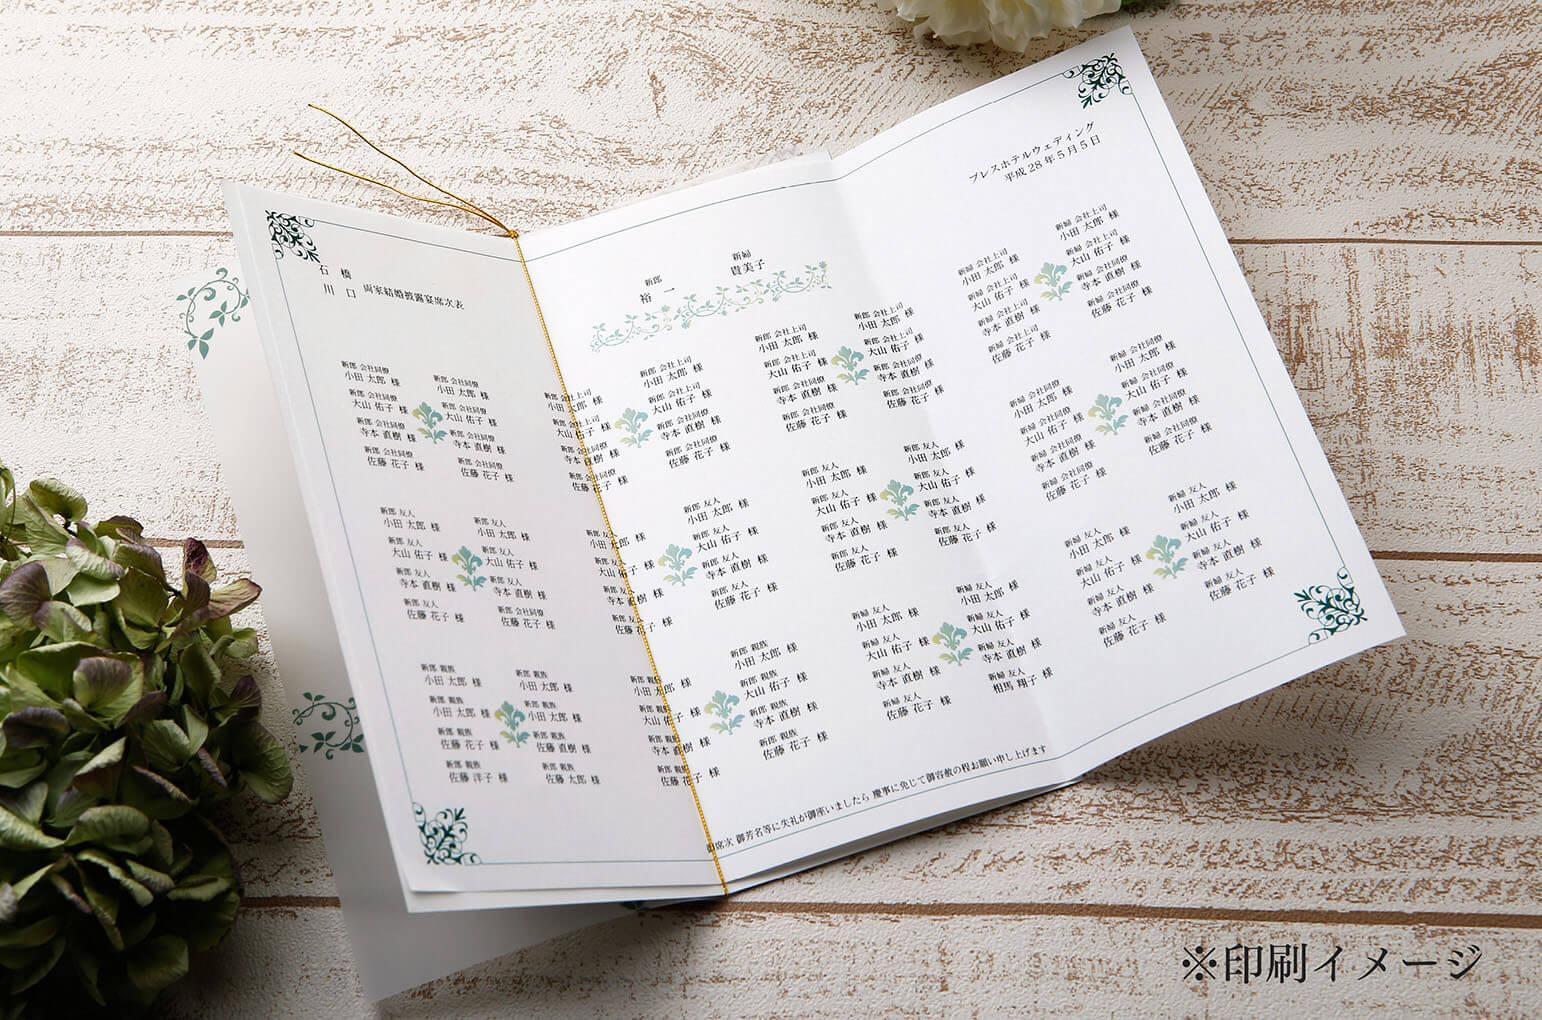 4eccbb3dad8d9 こちらは席次表です♪「唐草」には「つながり」という意味があり、新郎新婦と家族やゲストとのつながりを意味します。